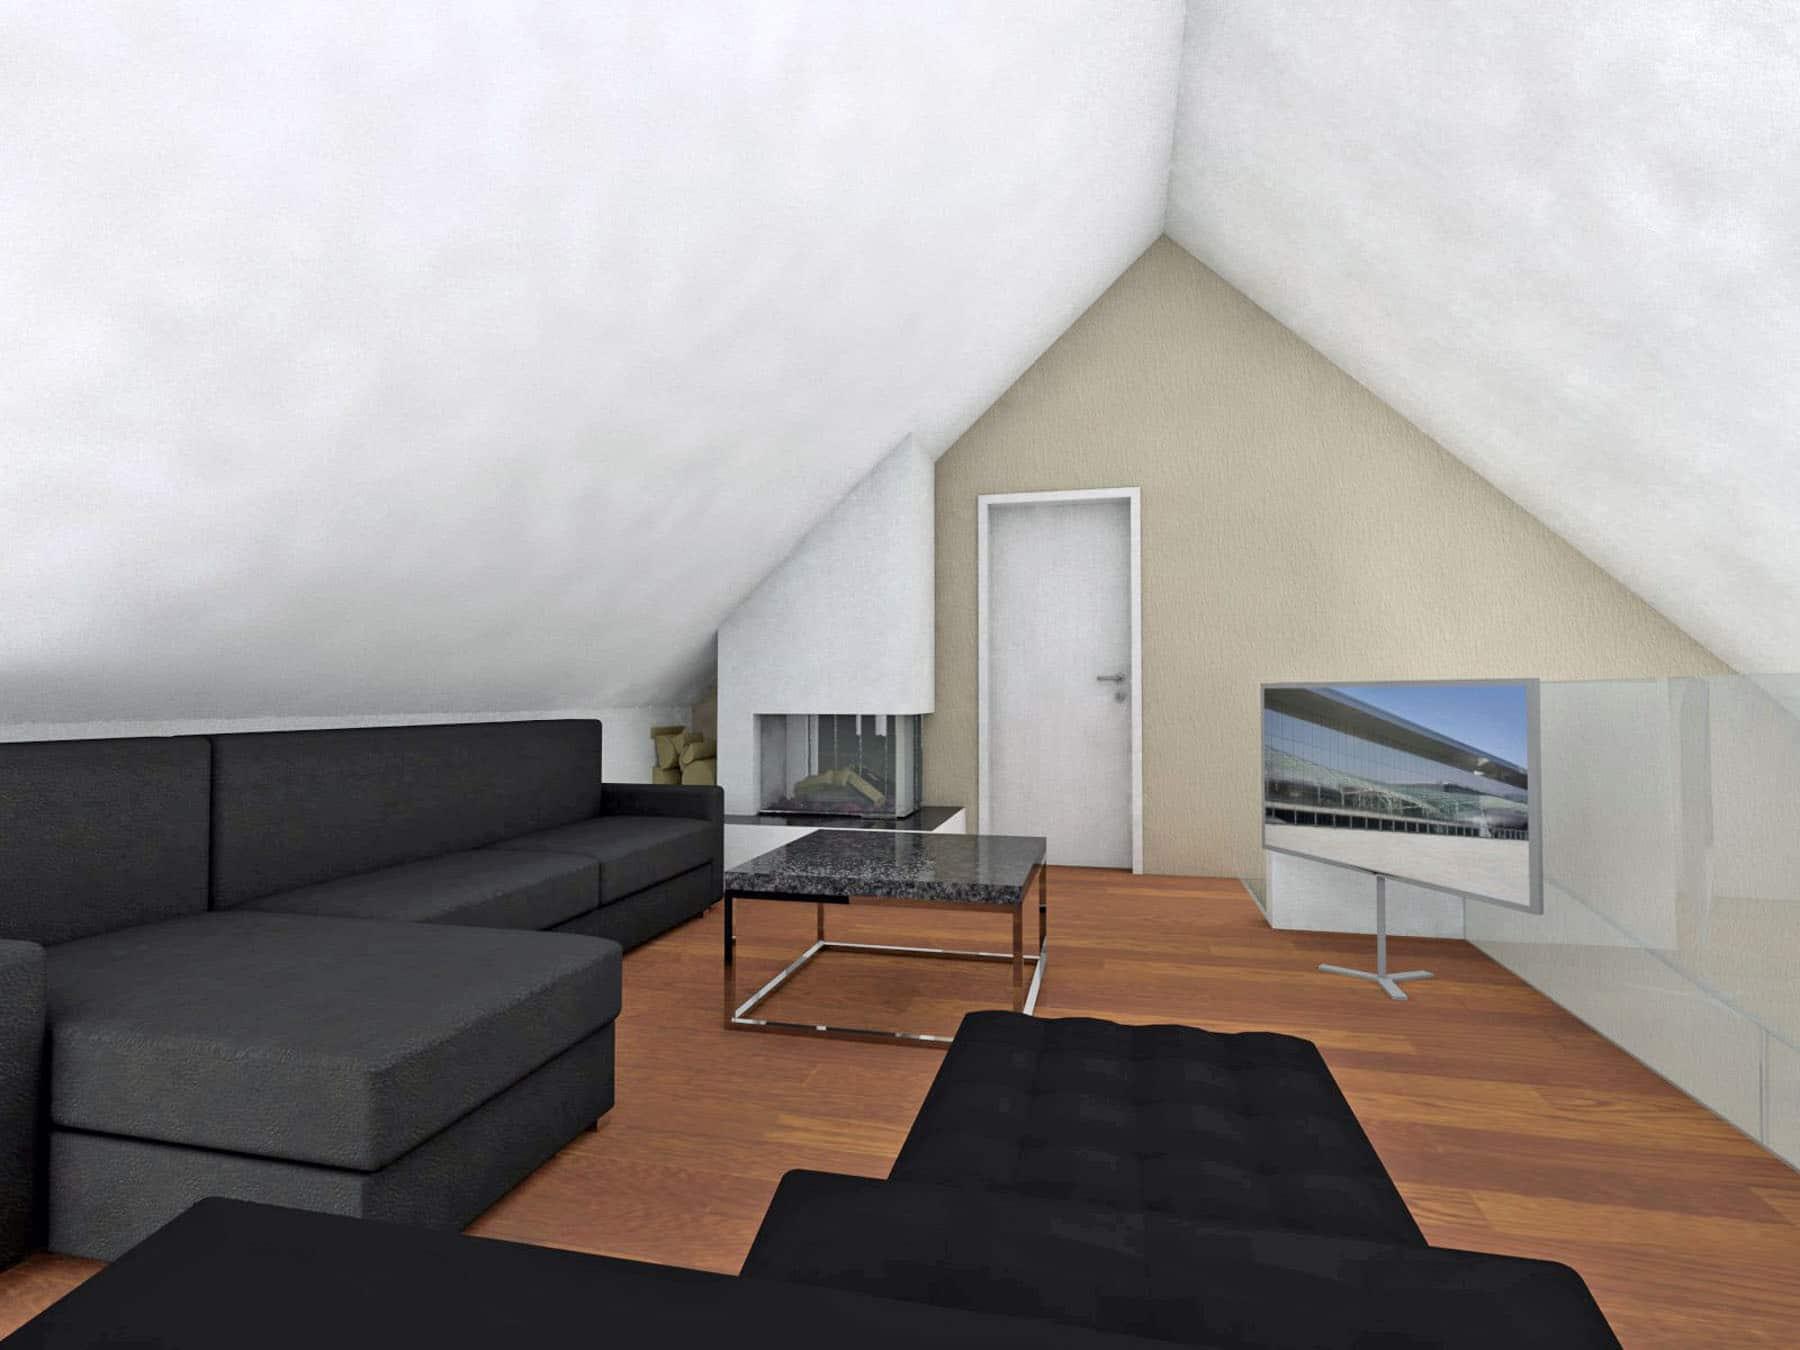 09-Galerie neu mit TV und Cheminee-bearbeitet